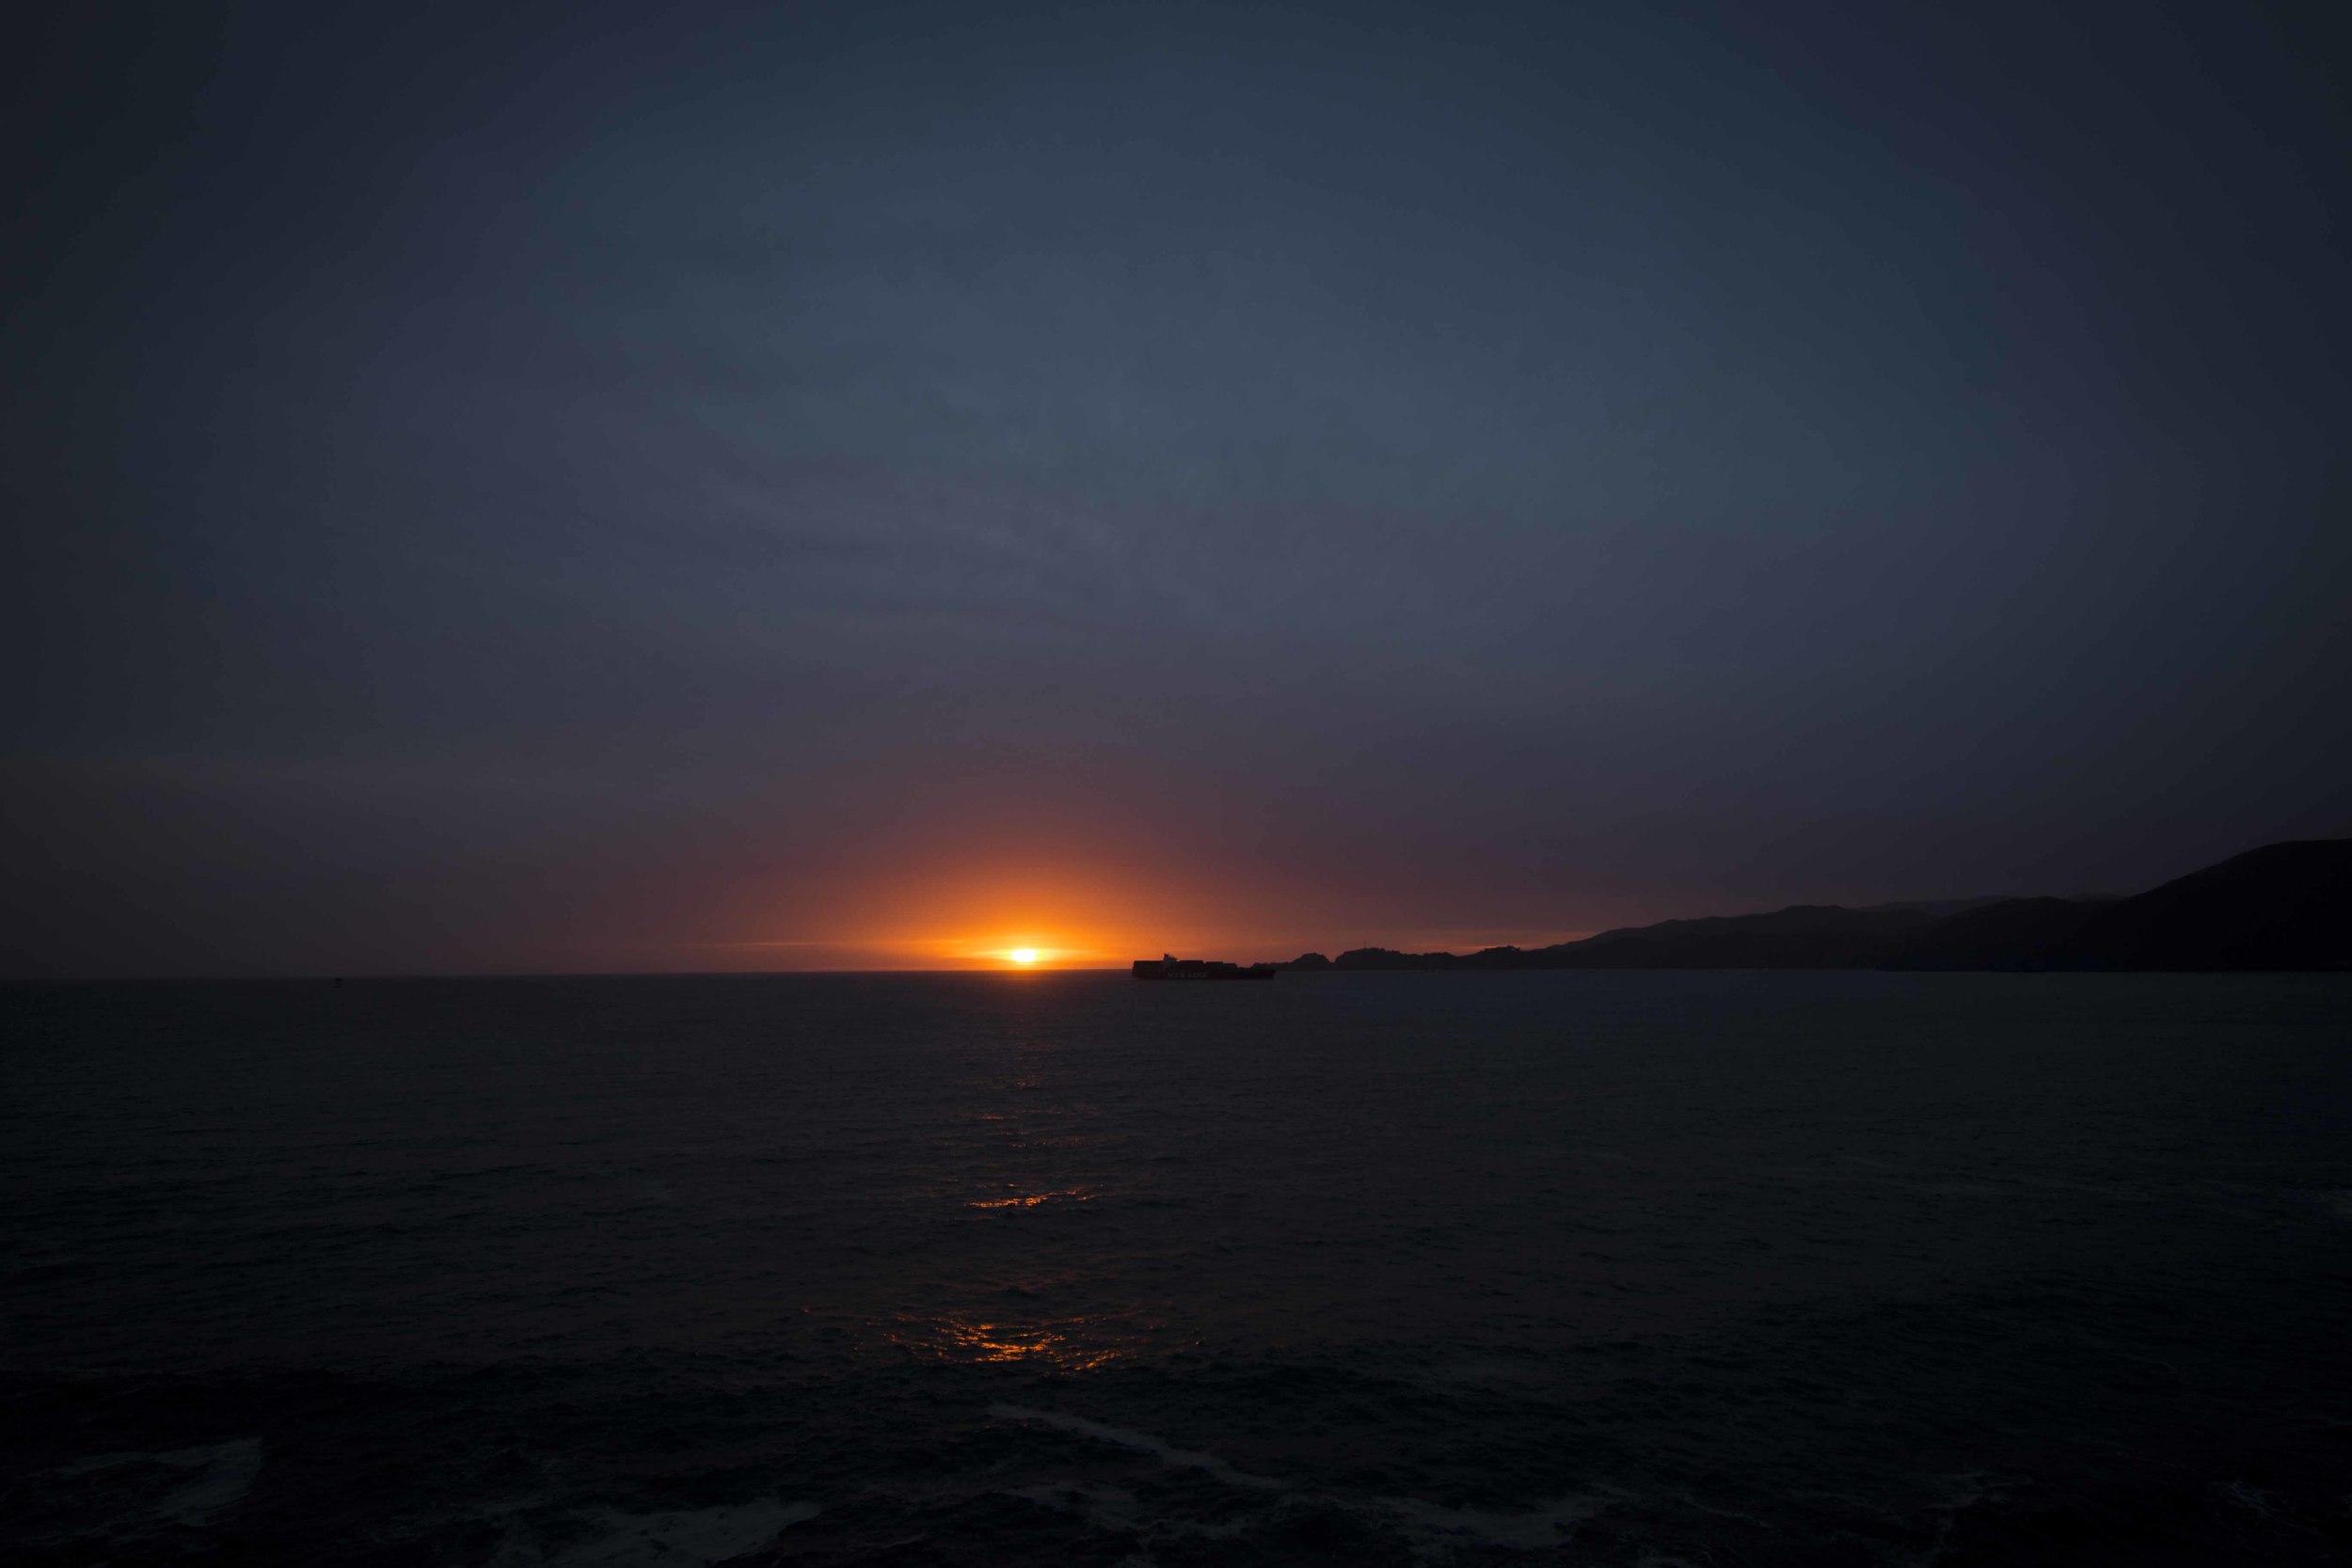 Sunset_A0A5096.jpg